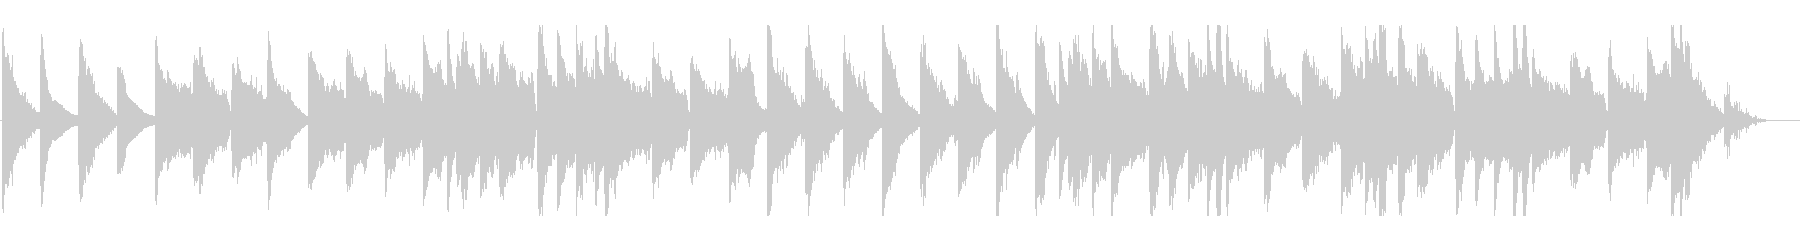 ゆったりとしたチェロのヒーリングBGMの未再生の波形